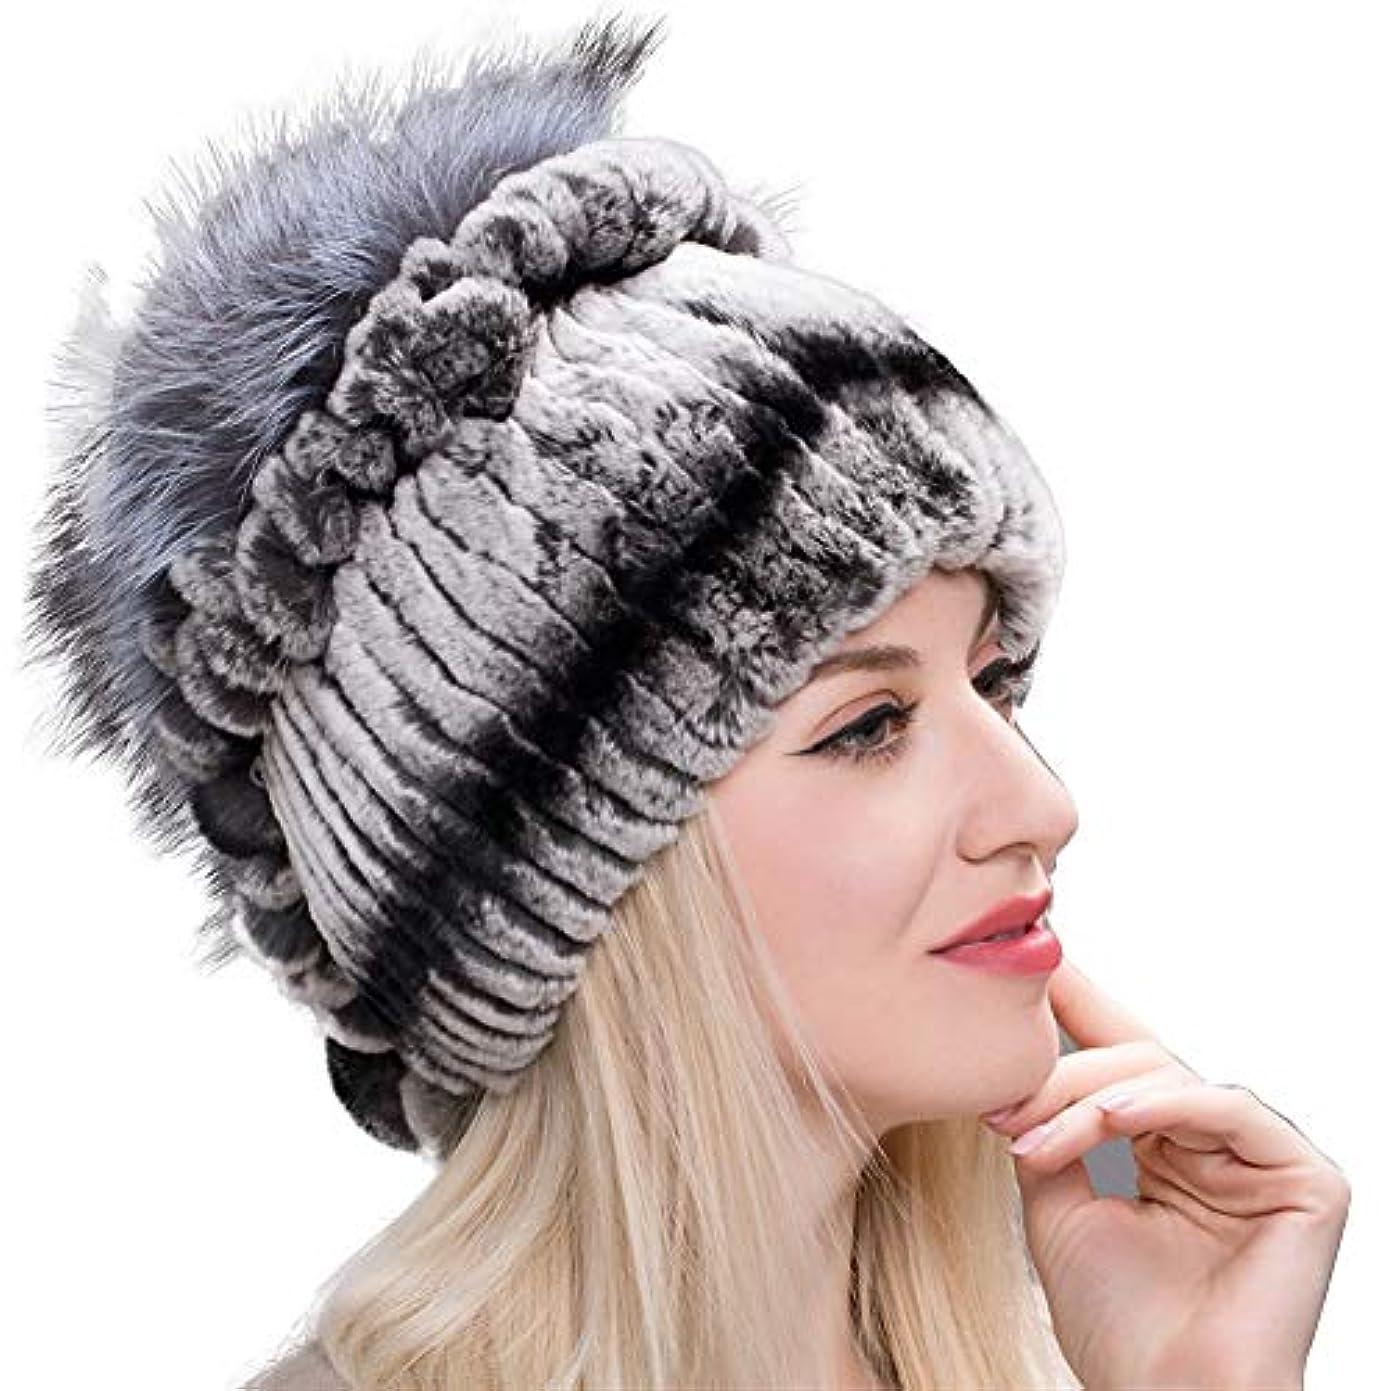 例示する続けるプライバシーACAO さんの秋と冬レッキスの毛皮の帽子ニットウールキャップ耳のファッションの女性の野生の花のキツネの毛皮の帽子は包頭に暖かく保つために (色 : Cyan blue, Size : M)